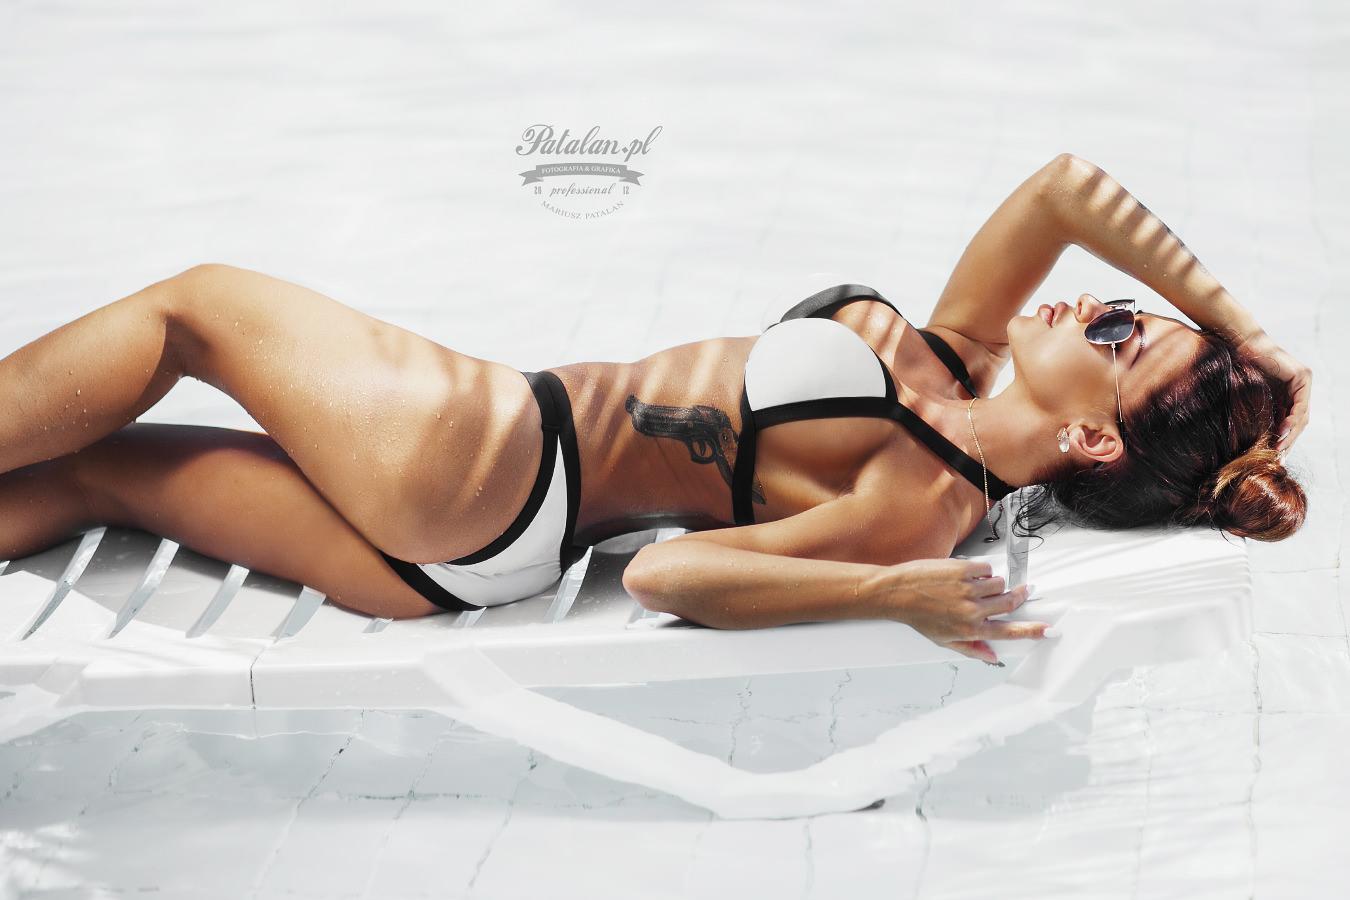 golden pixel studio, seksowna modelka, sesja na leżakach, sesja nad basenem, modelka w stróju   kąpielowym, sesowny tyłek modelka, fitness modelka, zdjęcia w basenie, marta szóstka